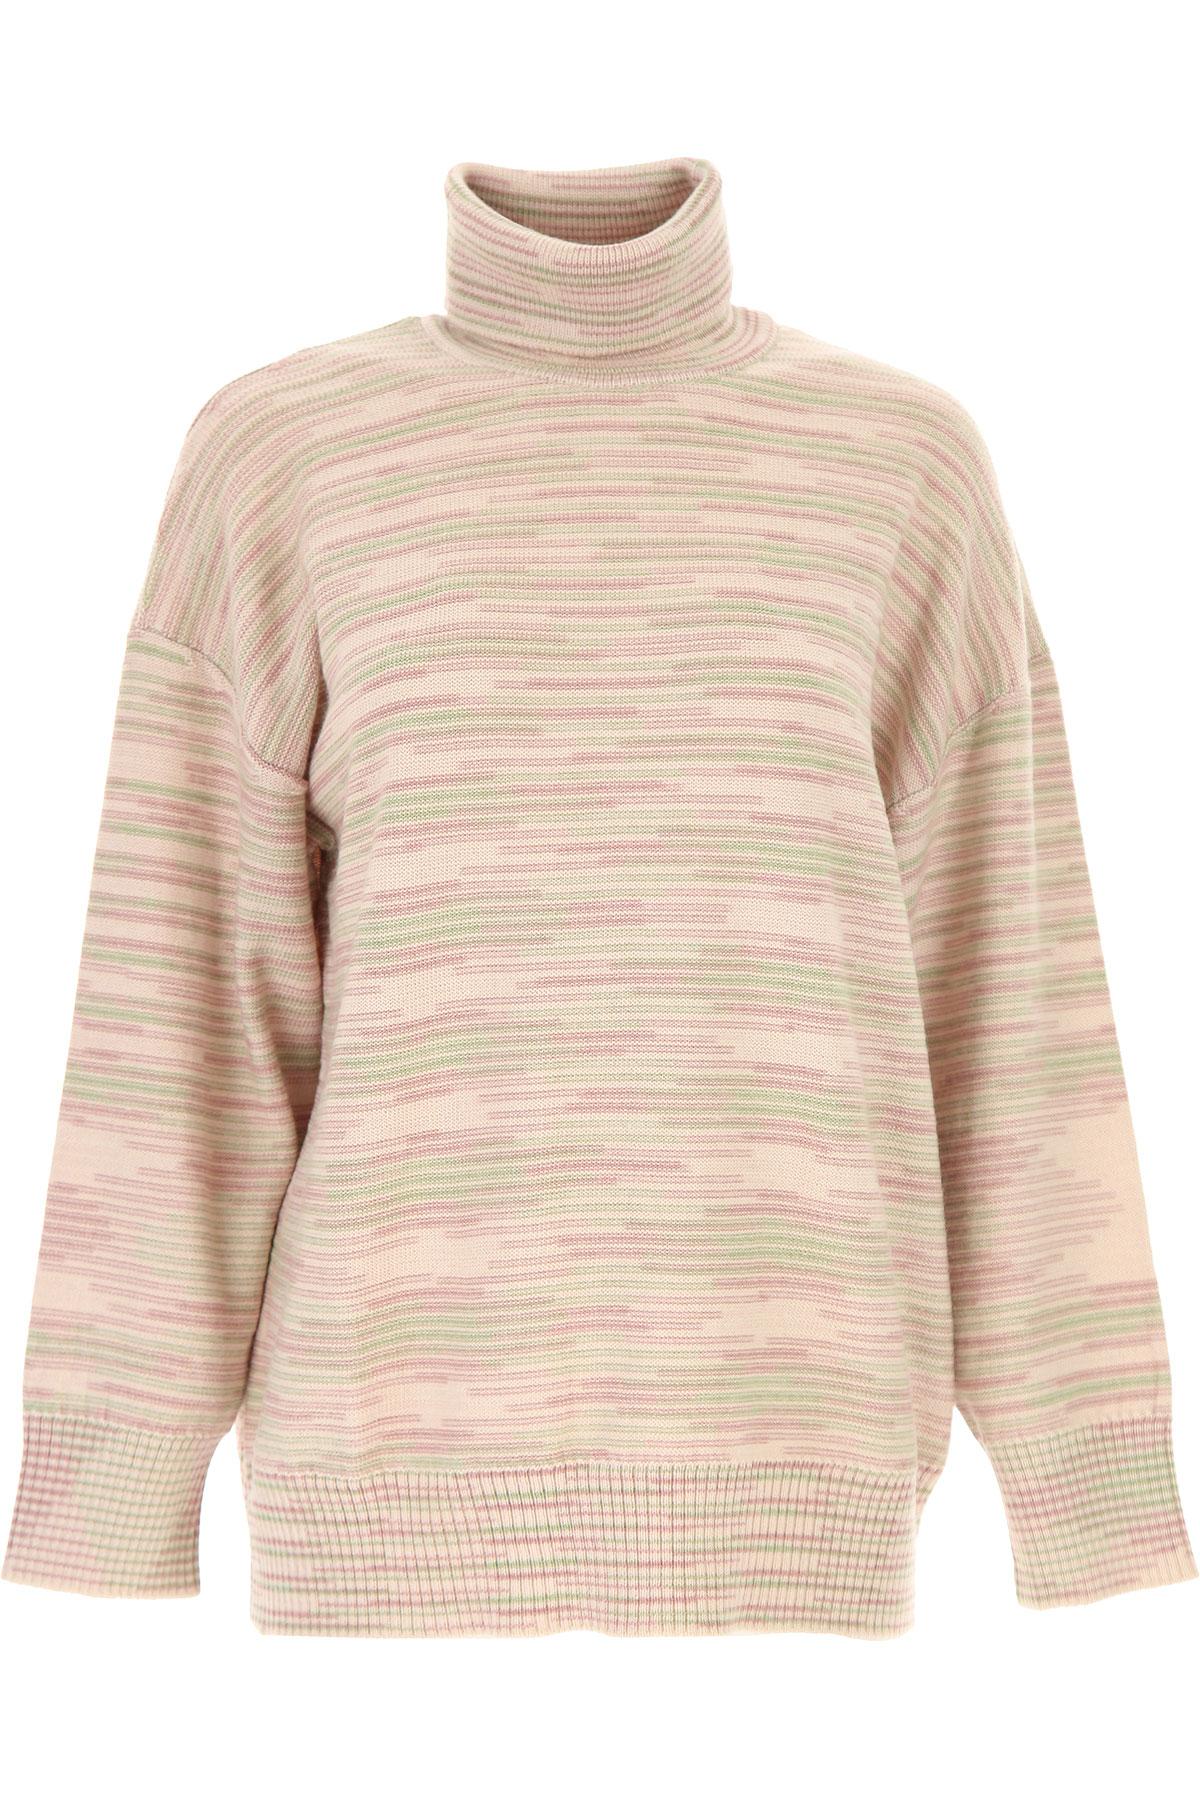 Missoni Sweater for Women Jumper On Sale, Pink, fleece wool, 2019, 2 4 6